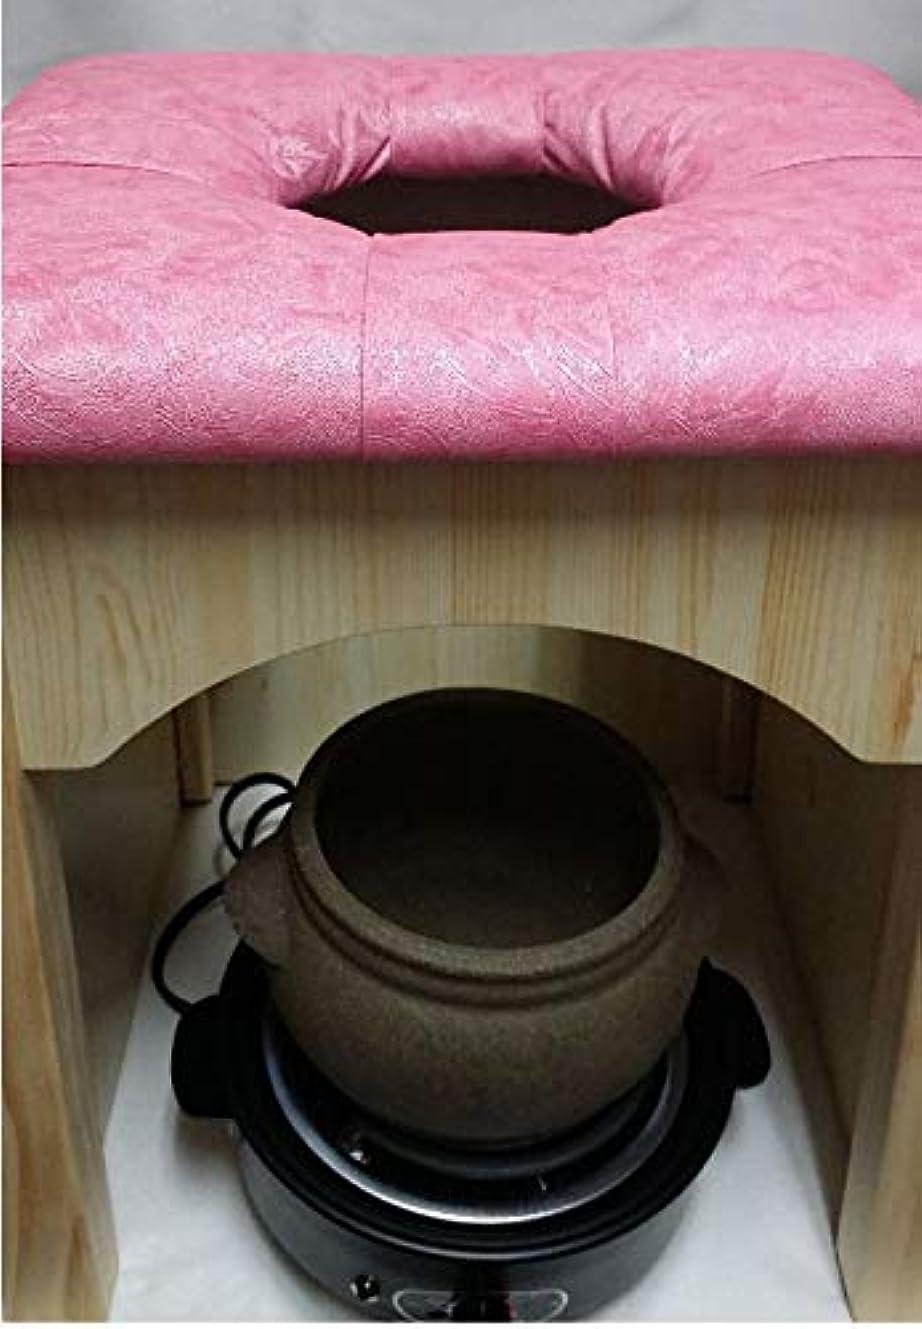 死ぬ複雑でない調整小鉢を利用した自宅よもぎ蒸しセット、、よもぎ蒸し専門店サロン用のよもぎ蒸しセットを個人に販売します. ヨモギ蒸し服の色は選択,2番カーキの色